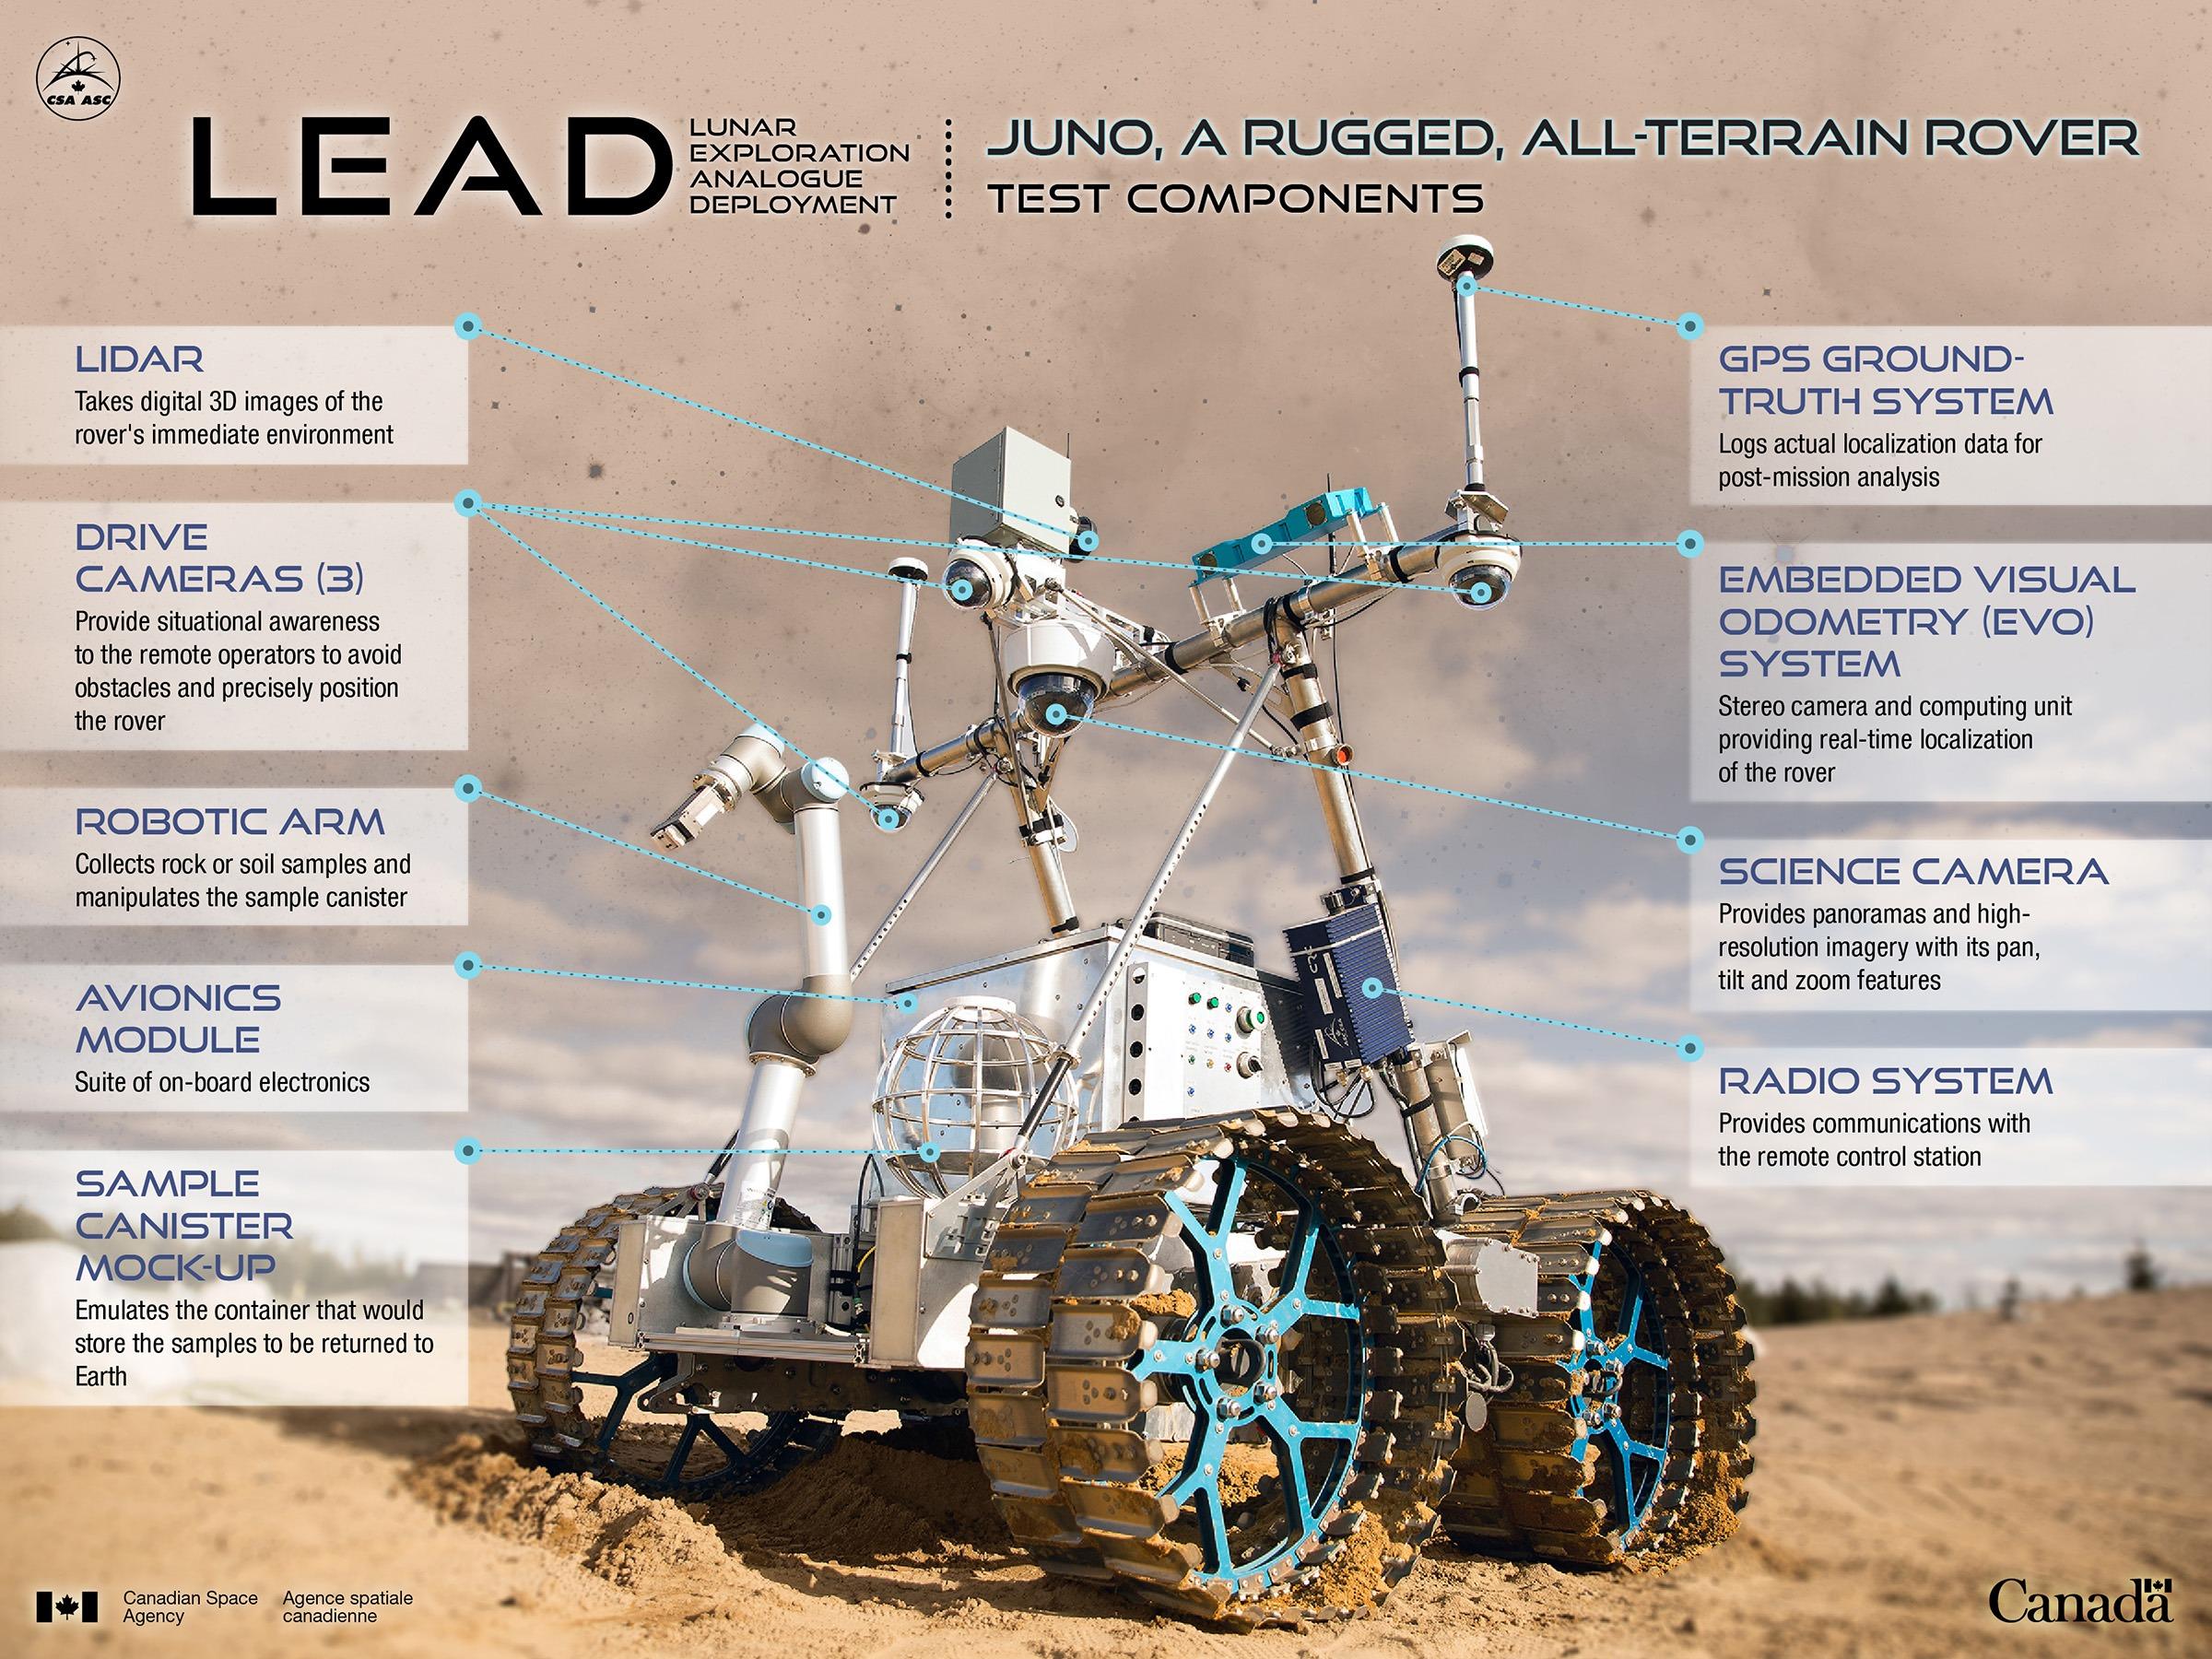 В Канаде показали луноход для миссии на спутник Земли: видео